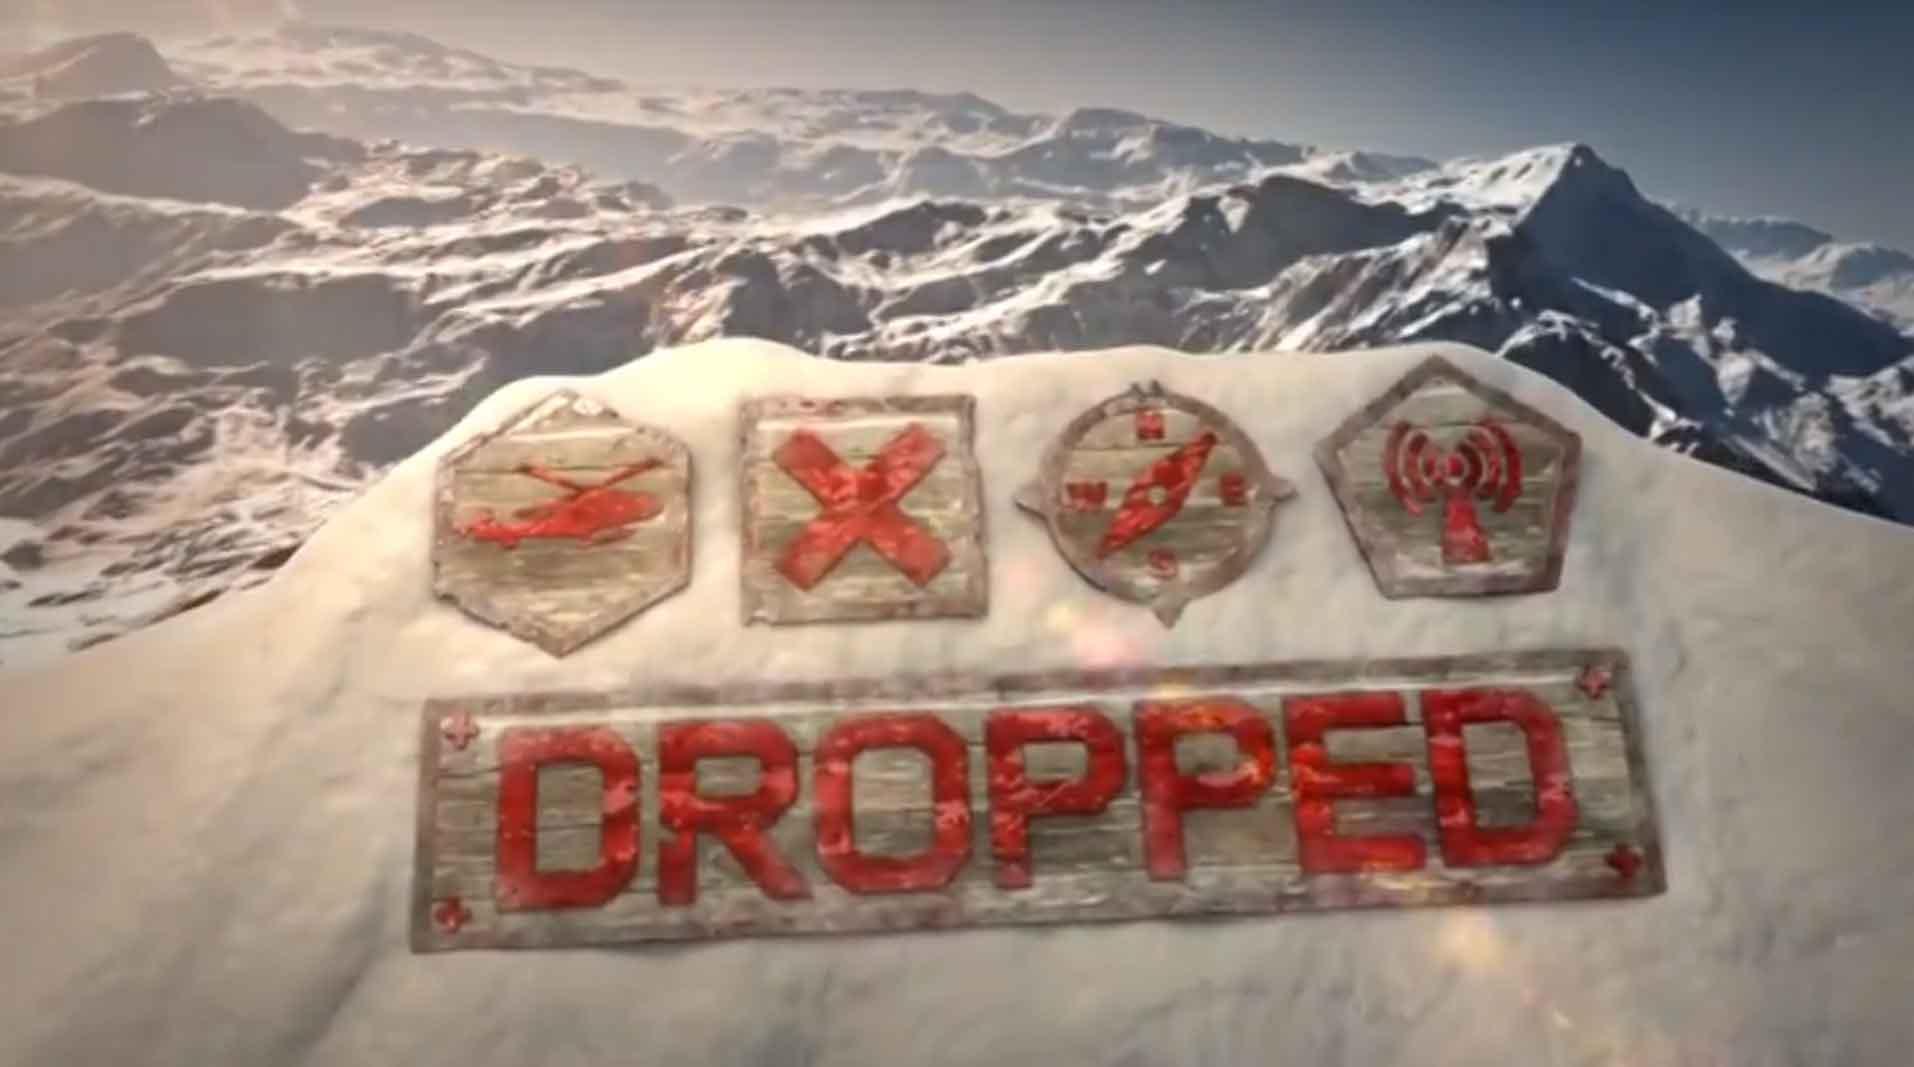 Dropped - Tf1